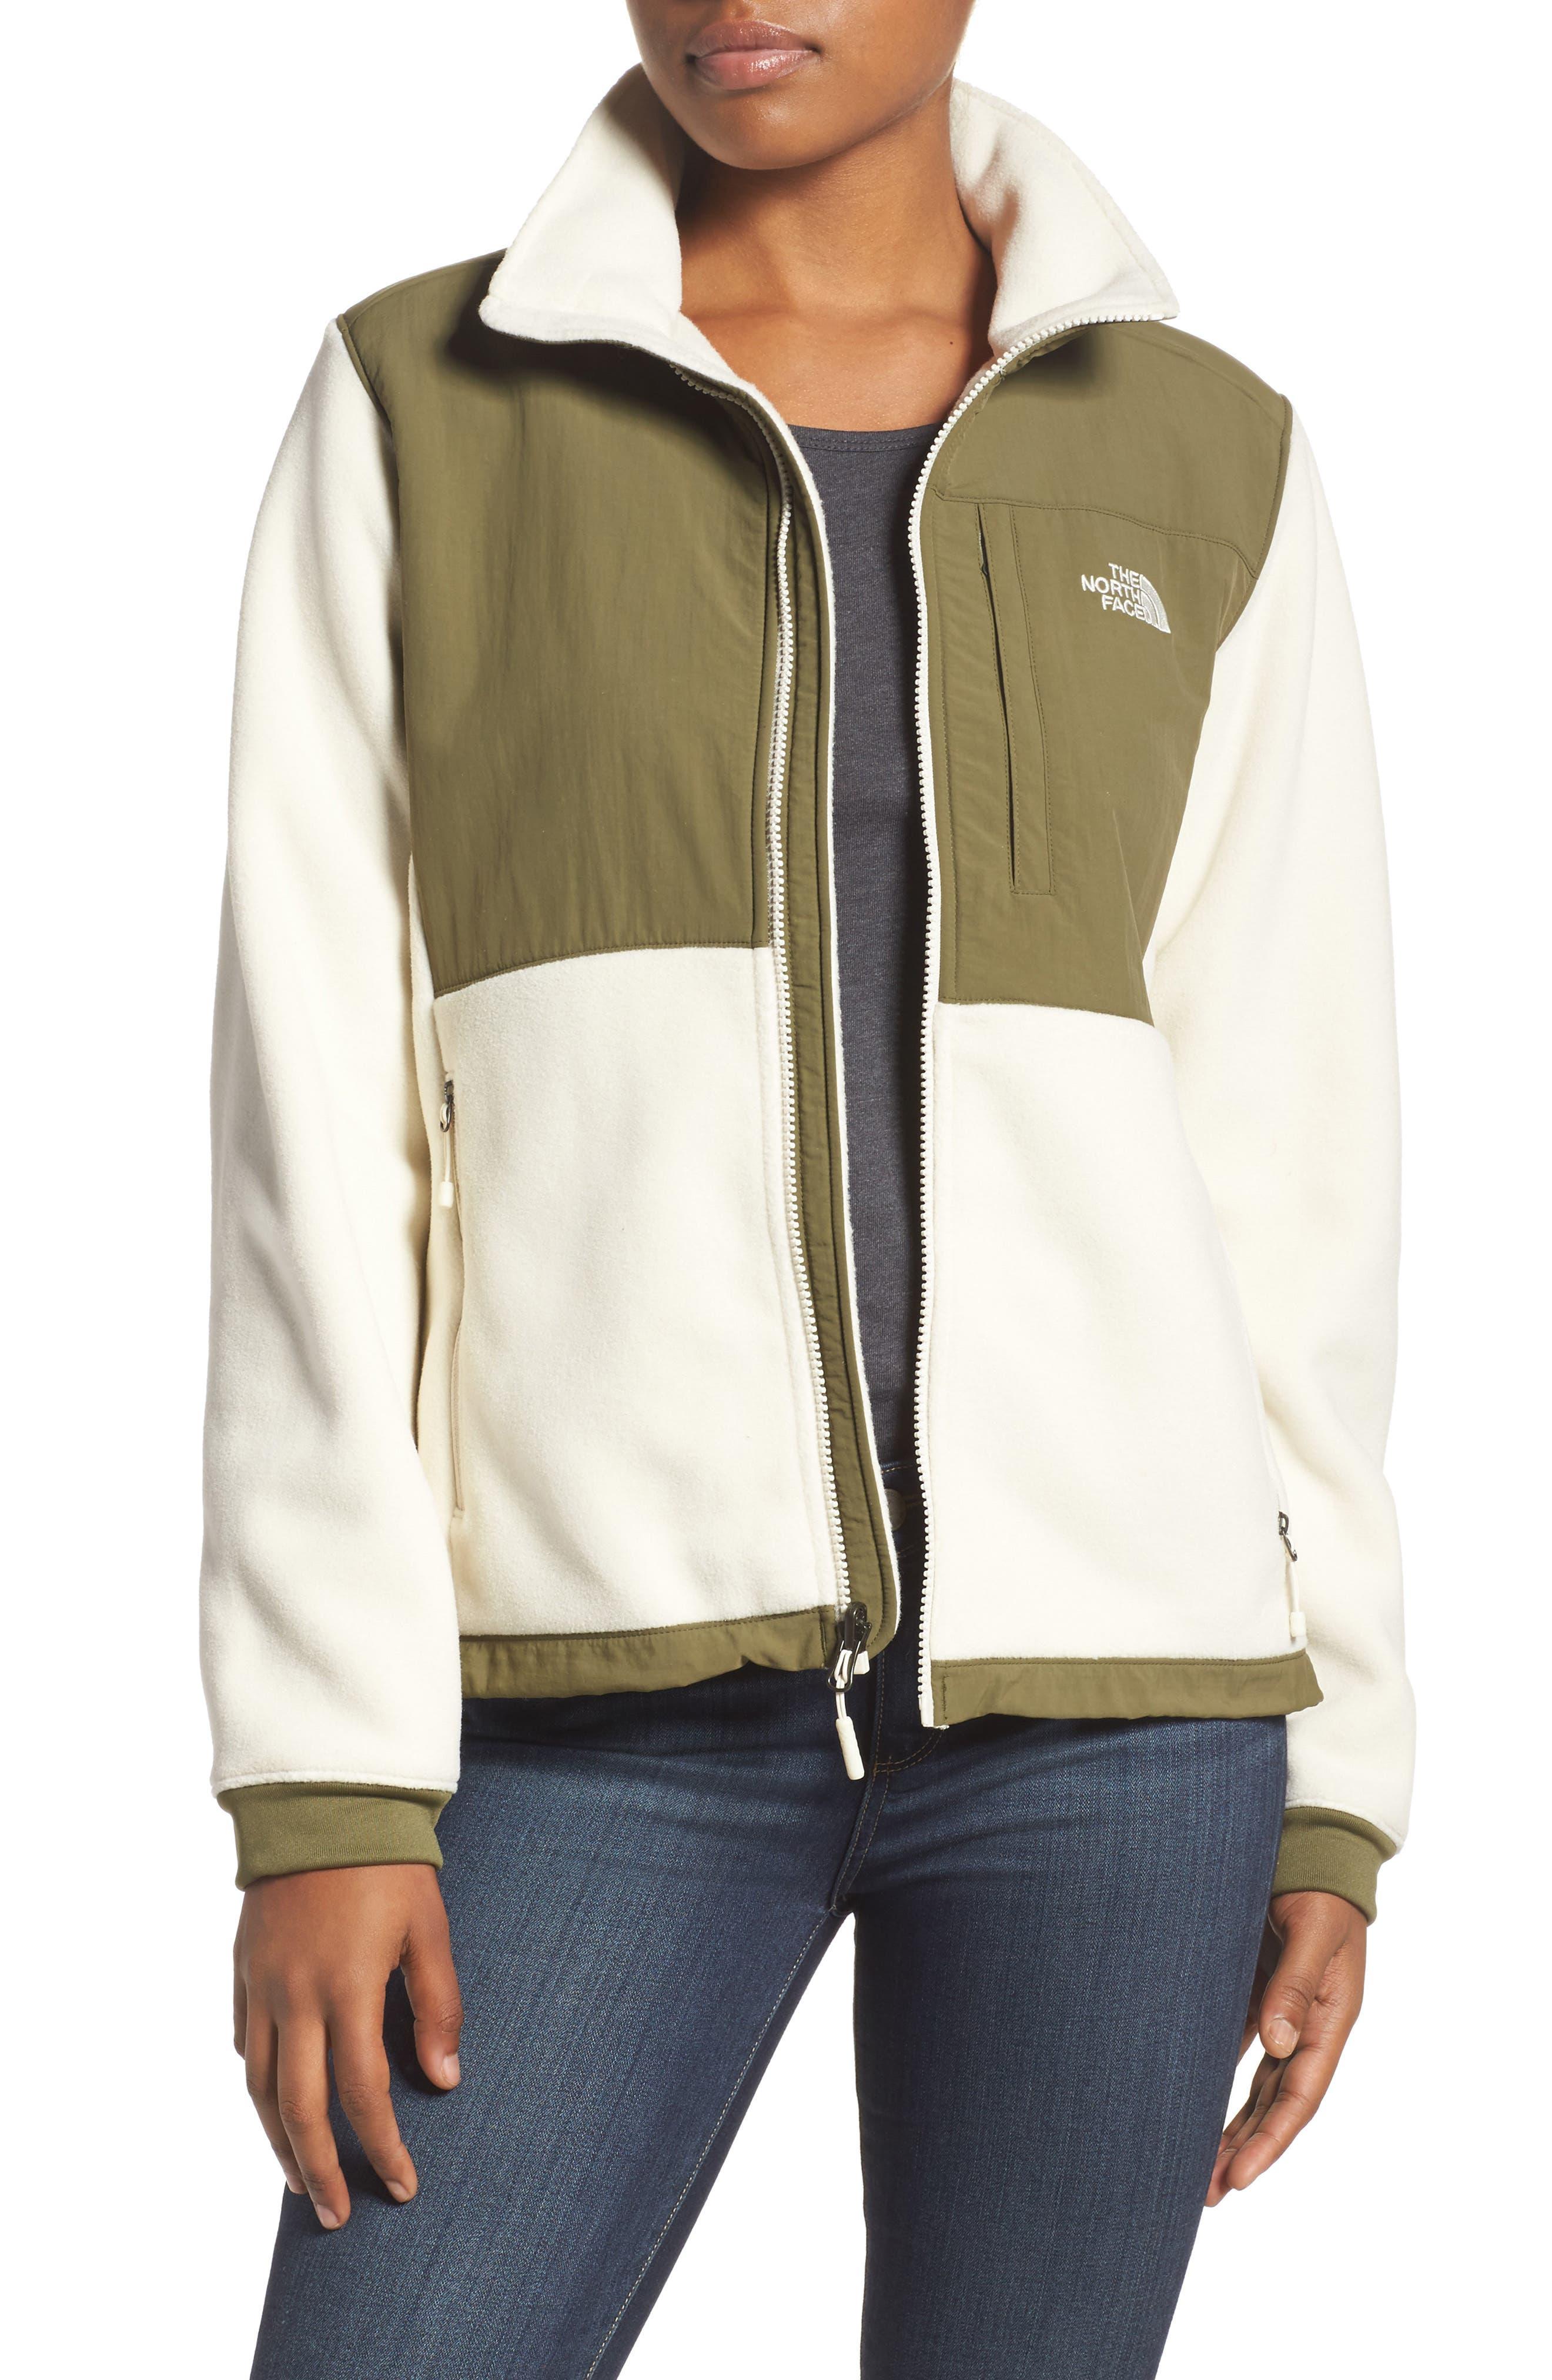 Denali 2 Jacket,                         Main,                         color, 101